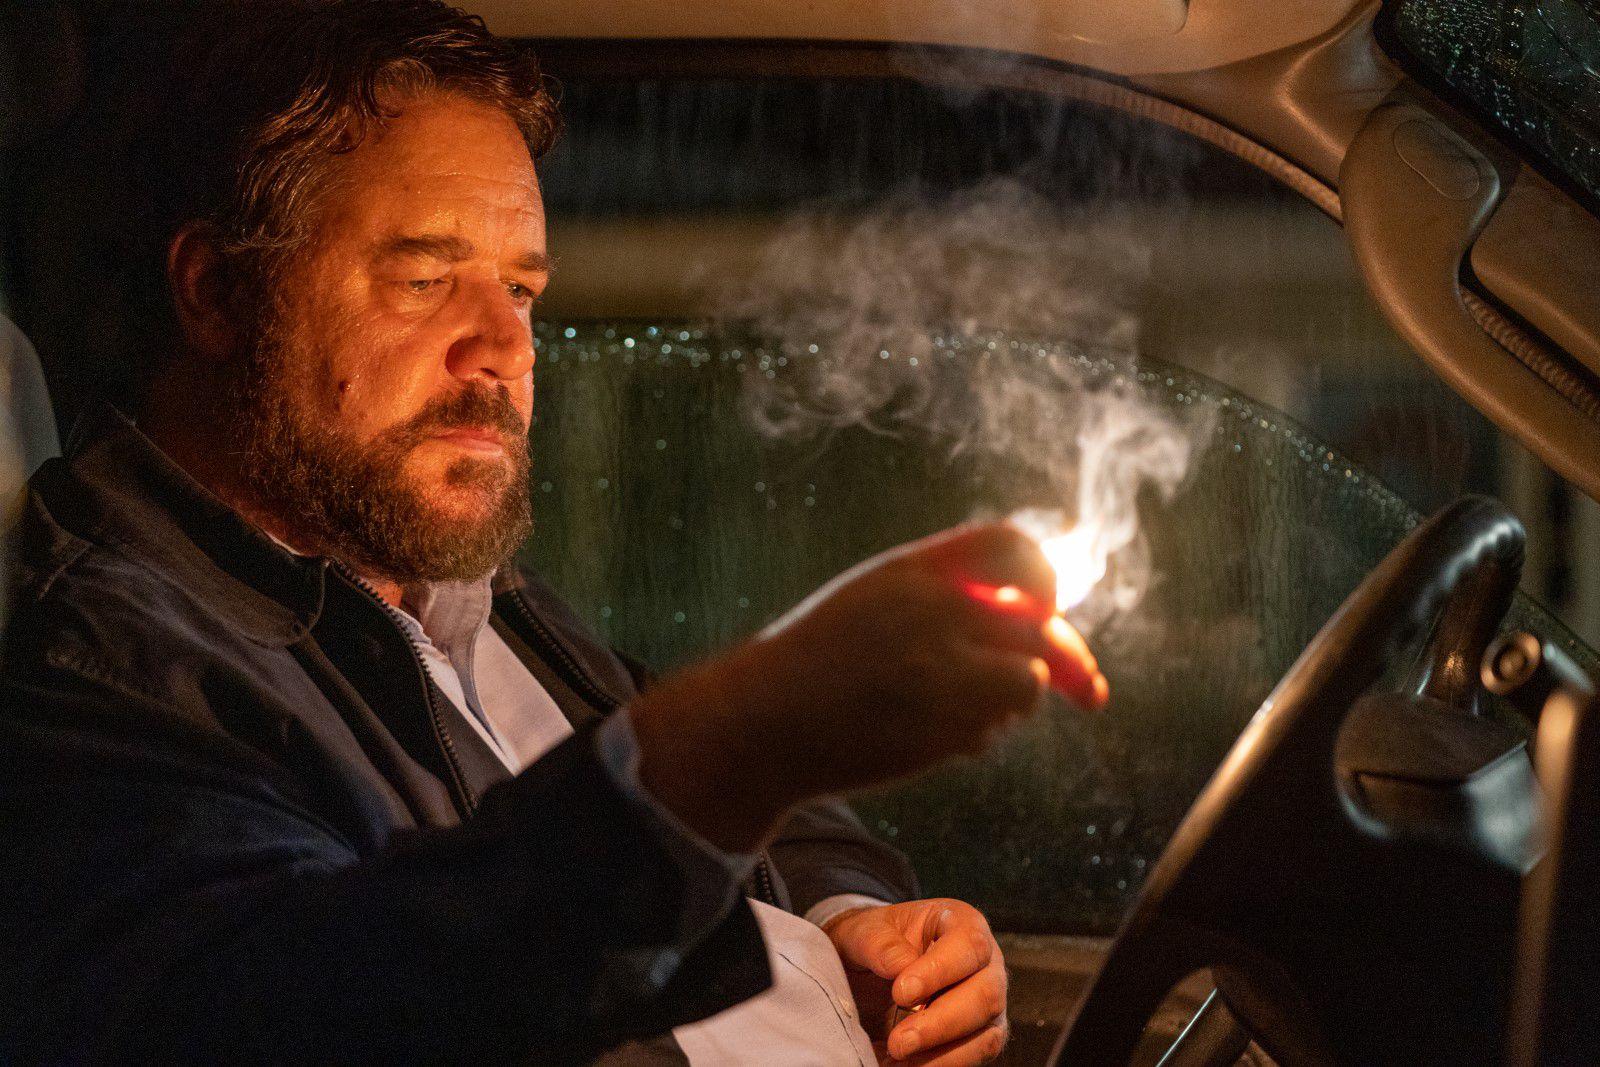 Enragé (BANDE-ANNONCE) avec Russell Crowe, Jimmi Simpson, Caren Pistorius - Le 19 août 2020 au cinéma